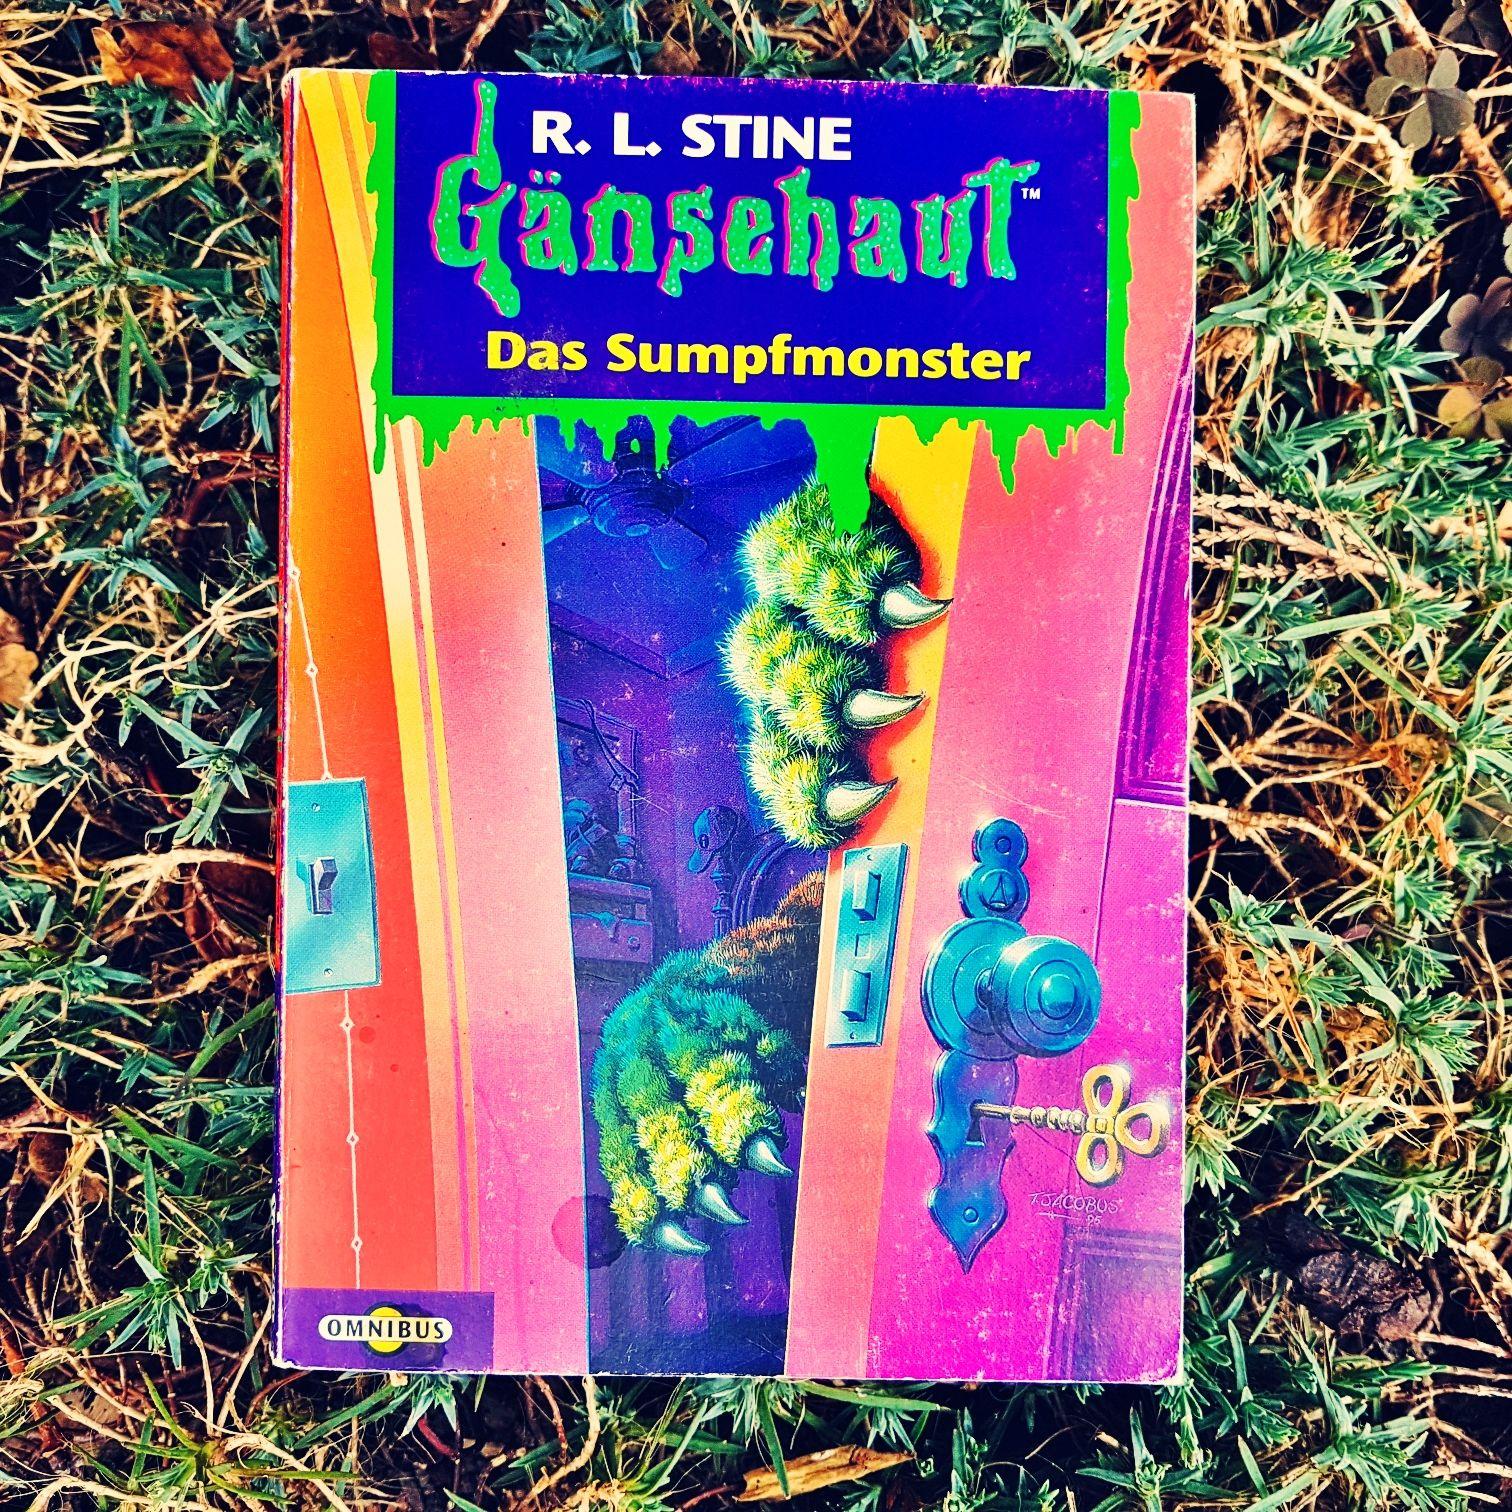 Gänsehaut das Sumpfmonster von R.L.Stine